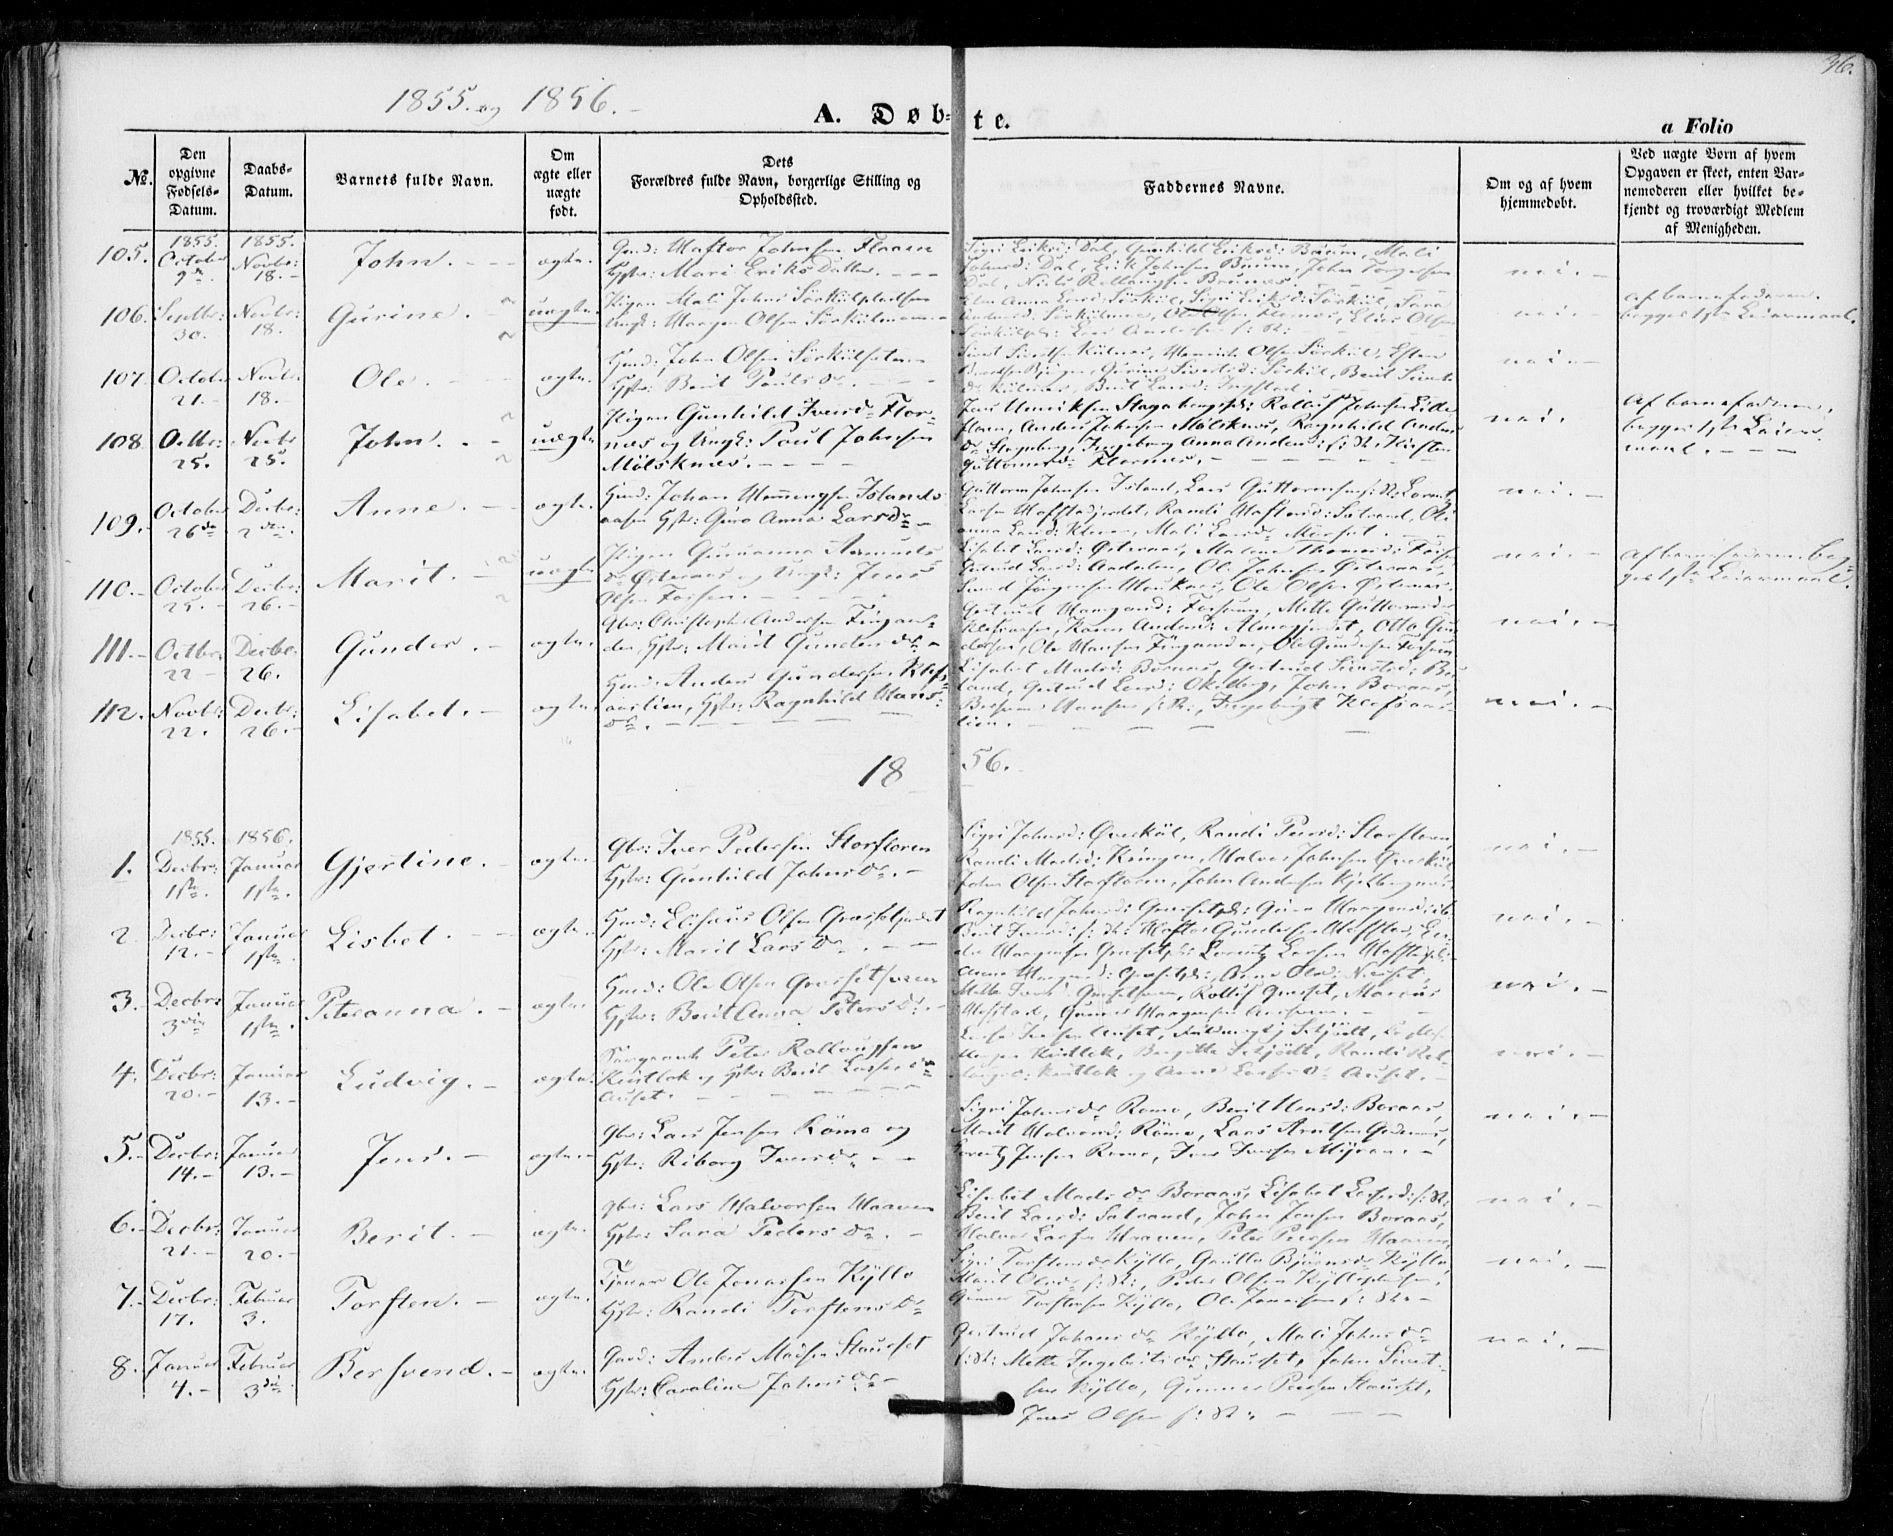 SAT, Ministerialprotokoller, klokkerbøker og fødselsregistre - Nord-Trøndelag, 703/L0028: Ministerialbok nr. 703A01, 1850-1862, s. 36